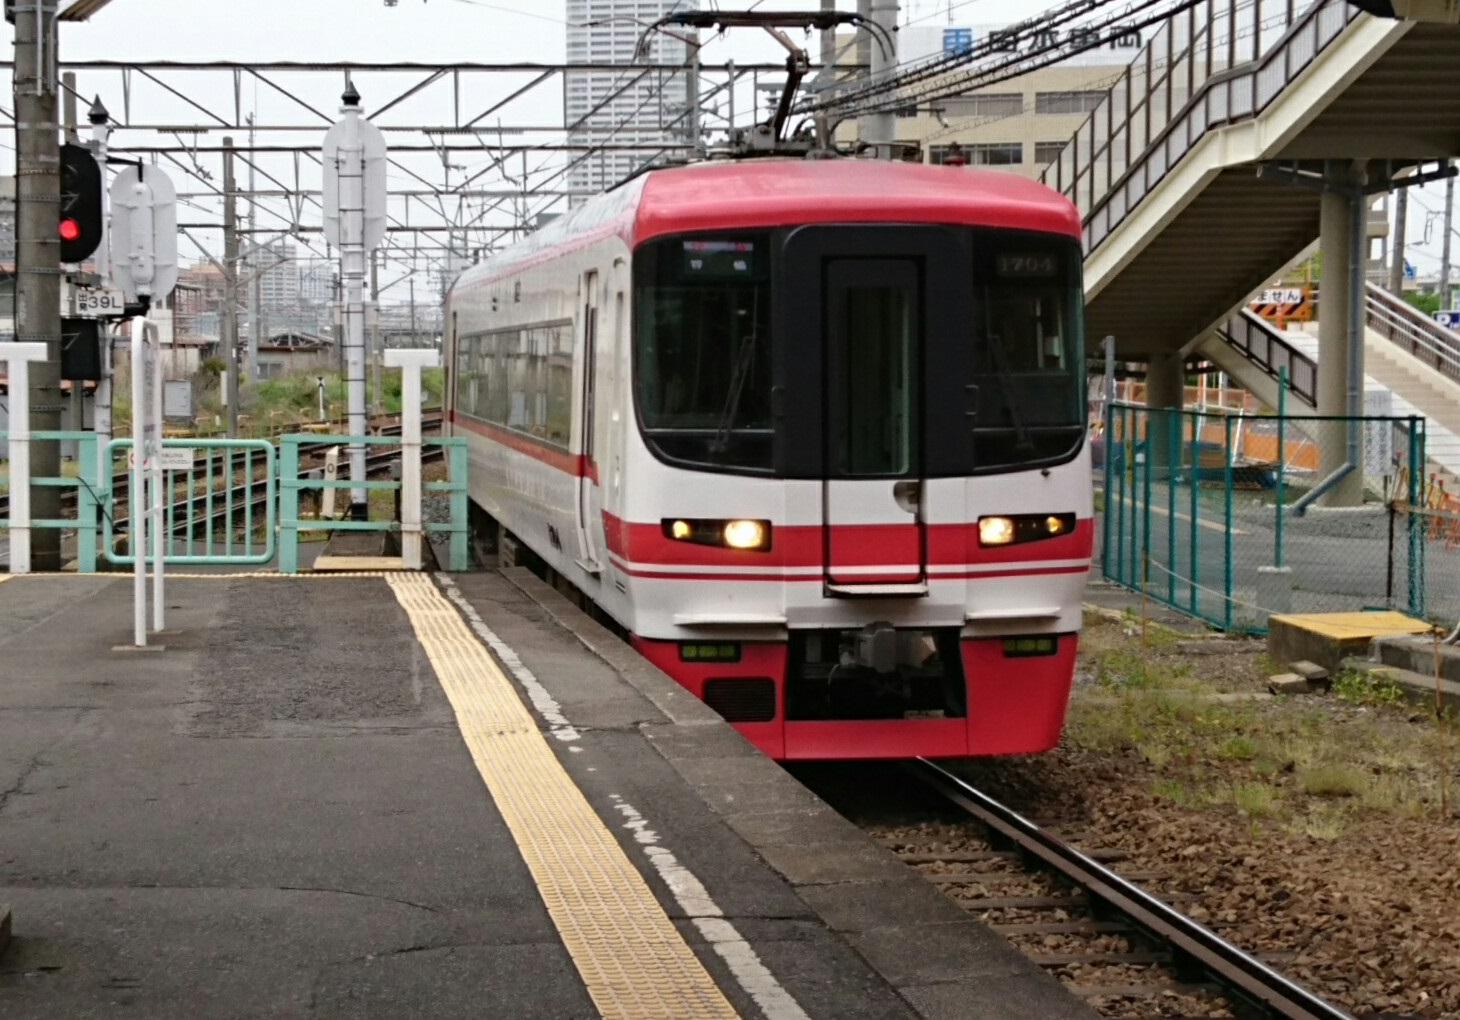 2017.5.9 名鉄 (10) 神宮前 - 豊橋いき快速特急「1700系」 1460-1020